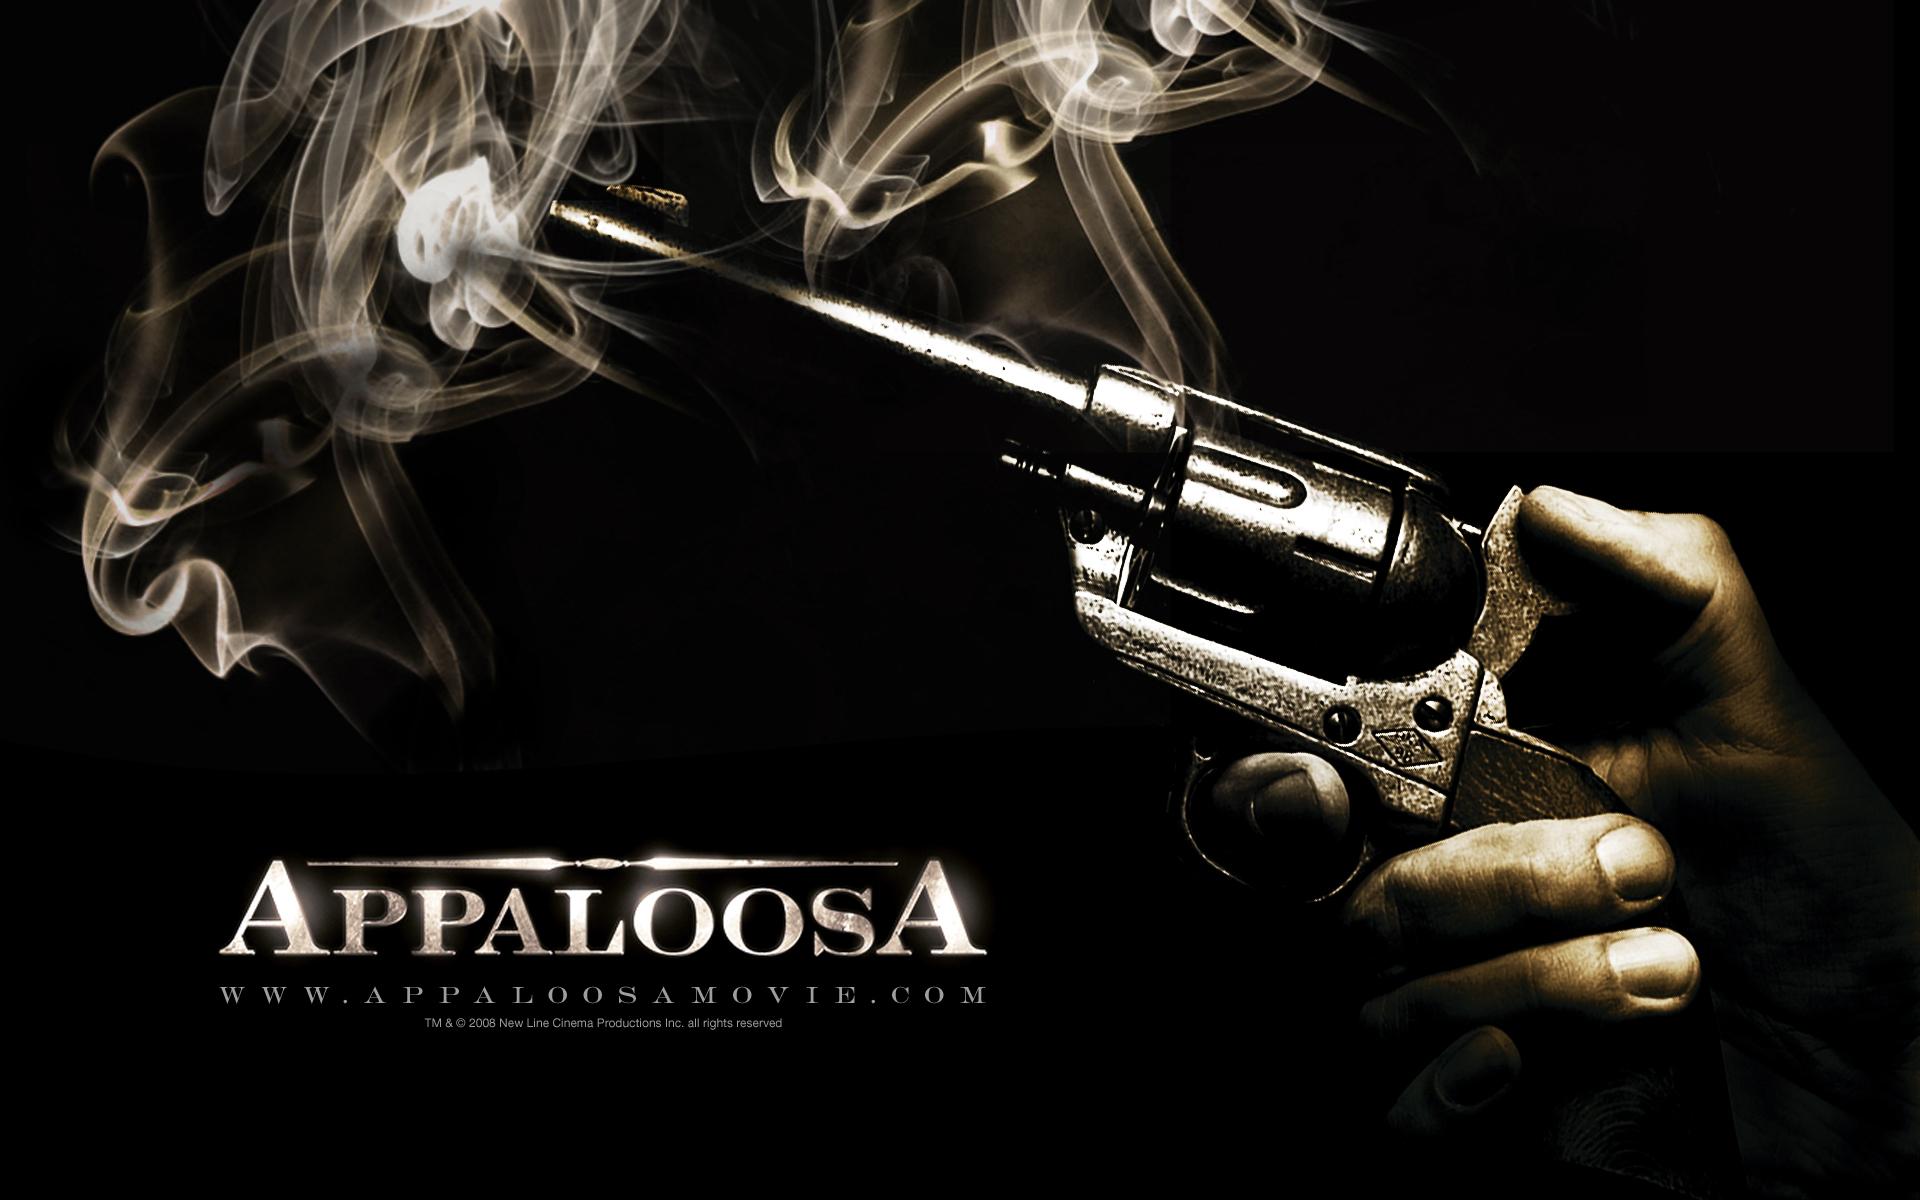 Best Wallpaper Logo Gangster - Appaloosa_Smoking_Gun  Picture_624213.jpg